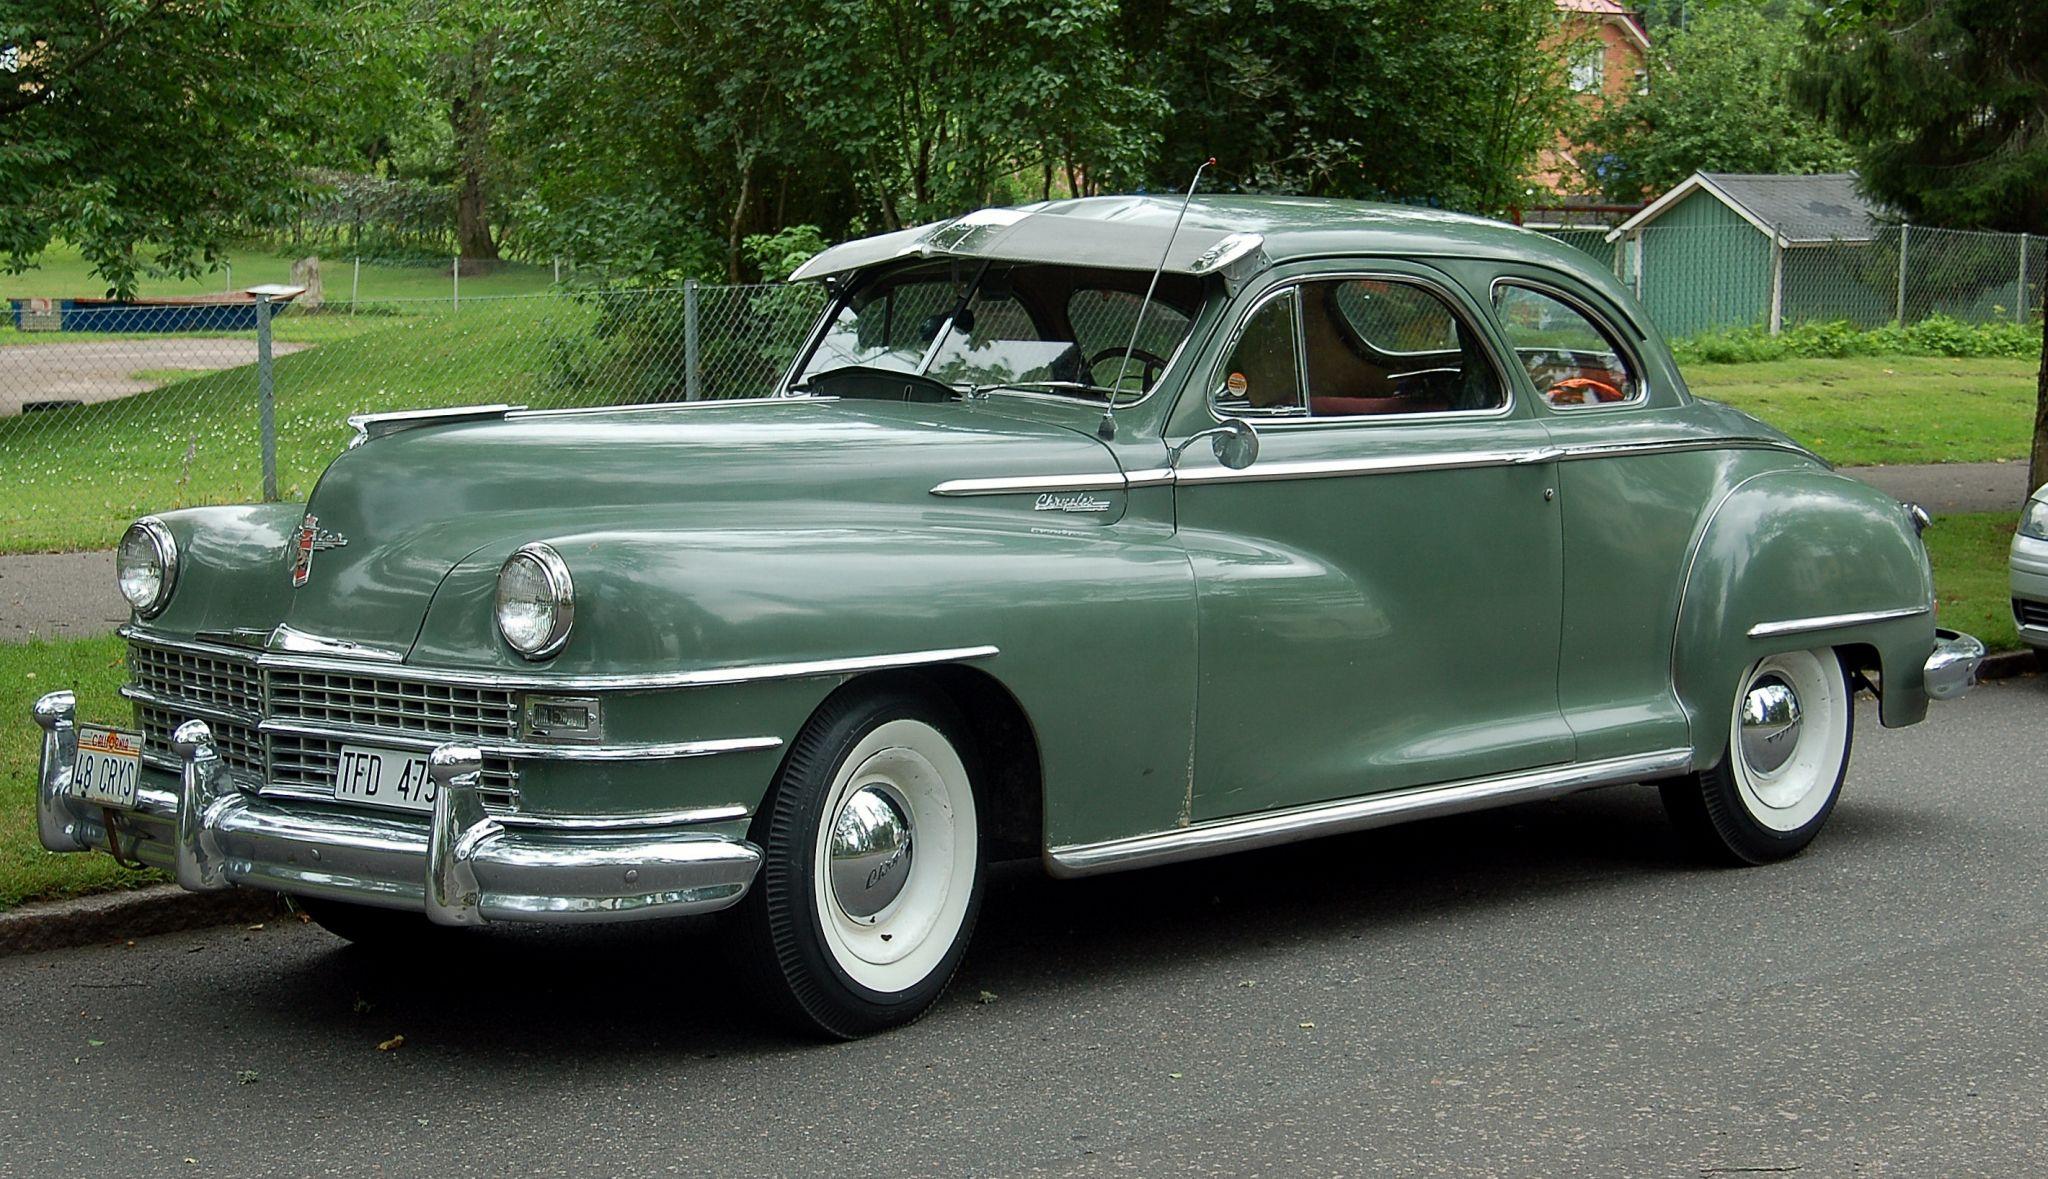 1948 Chrysler Windsor Chrysler Windsor Mopar Cars Classic Cars